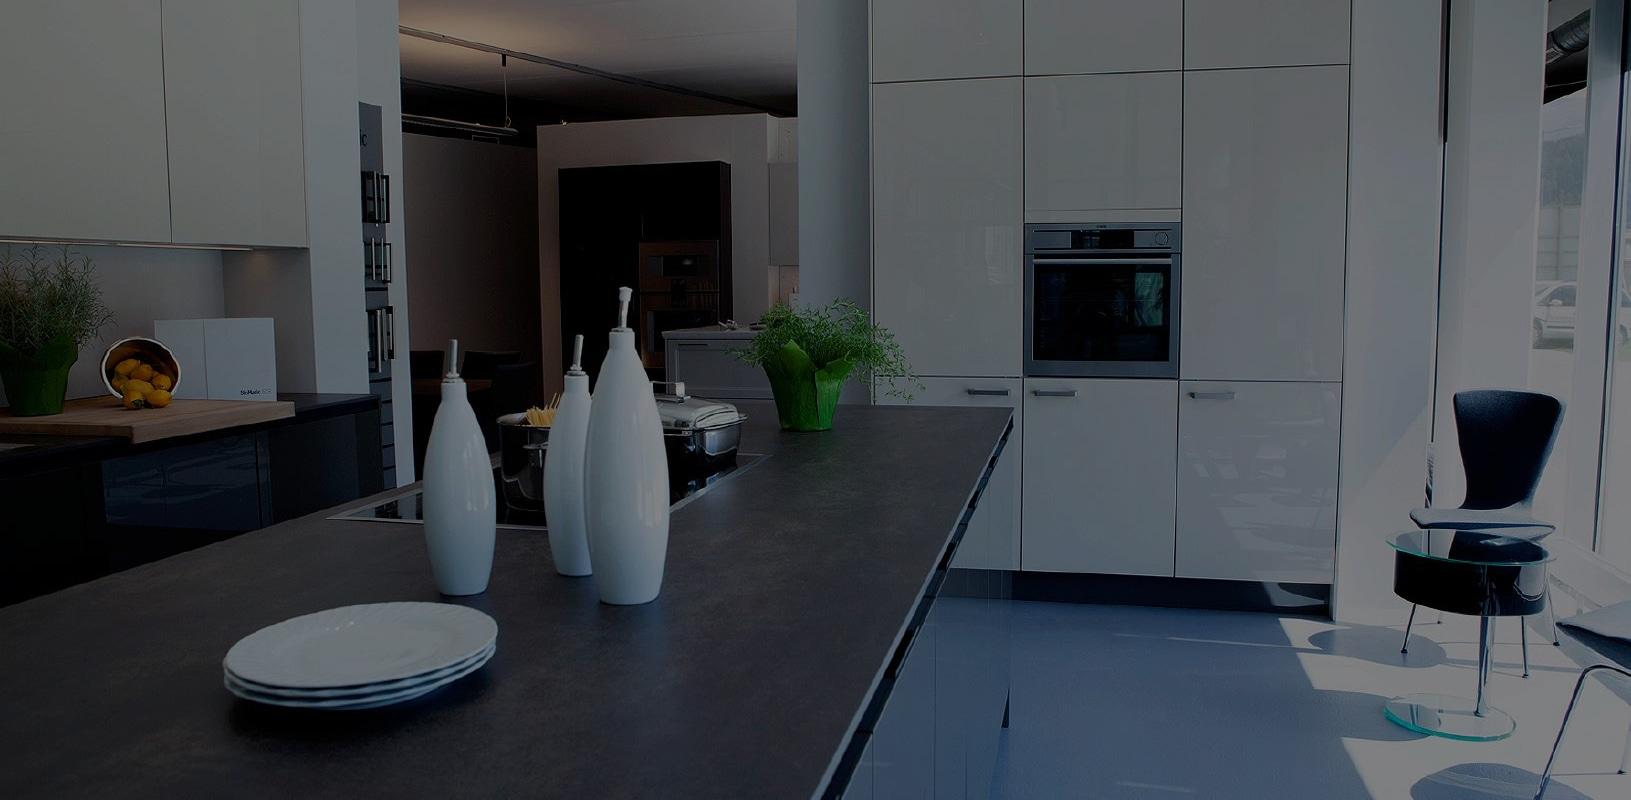 siematic karriere tische f r die k che. Black Bedroom Furniture Sets. Home Design Ideas